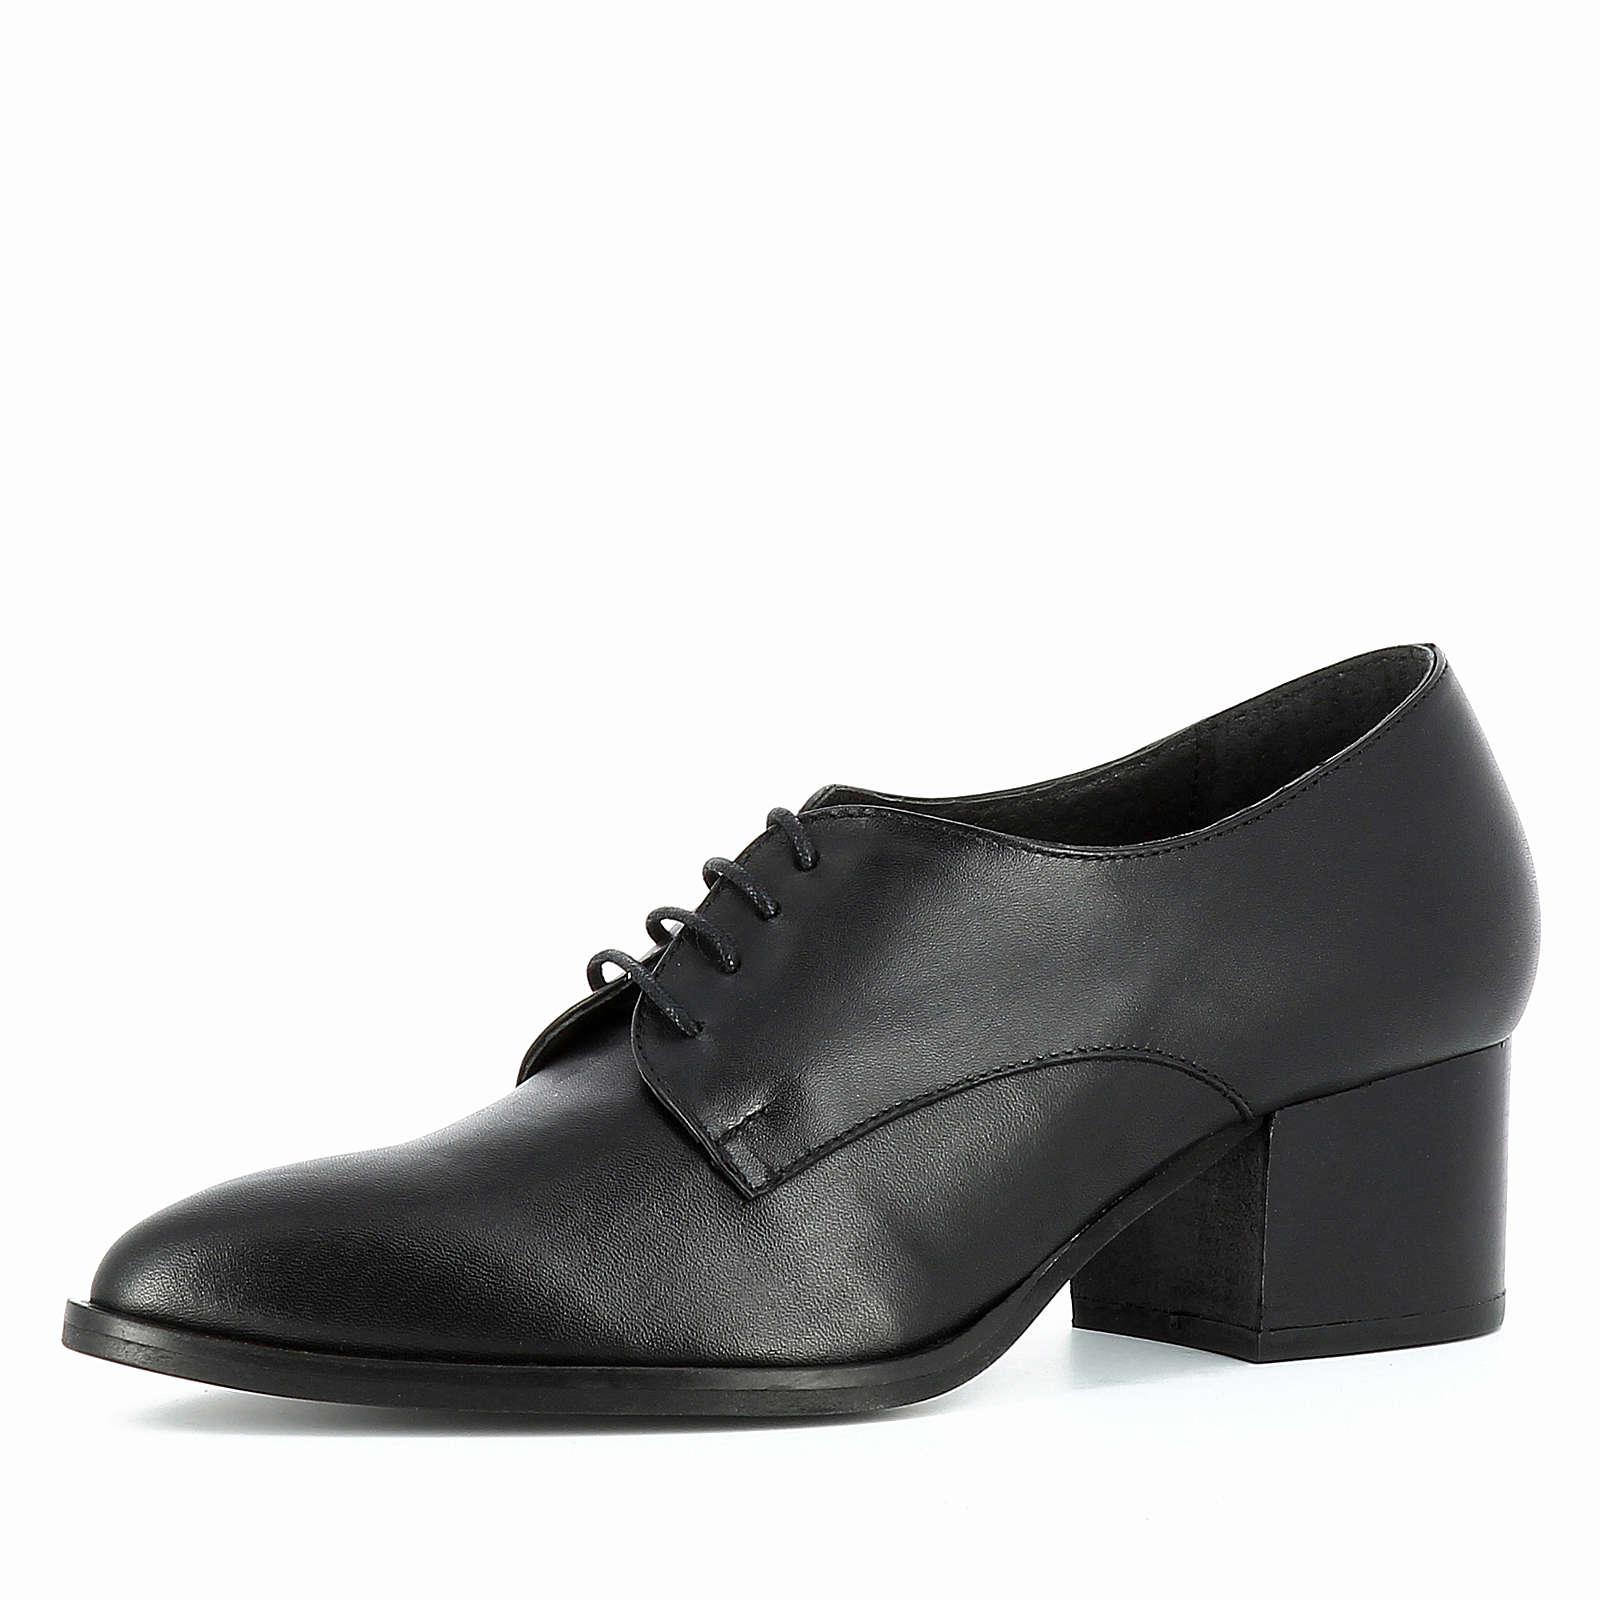 Evita Shoes Schnürschuhe BELINDA schwarz Damen Gr. 41 bei Mirapodo - Neue Styles